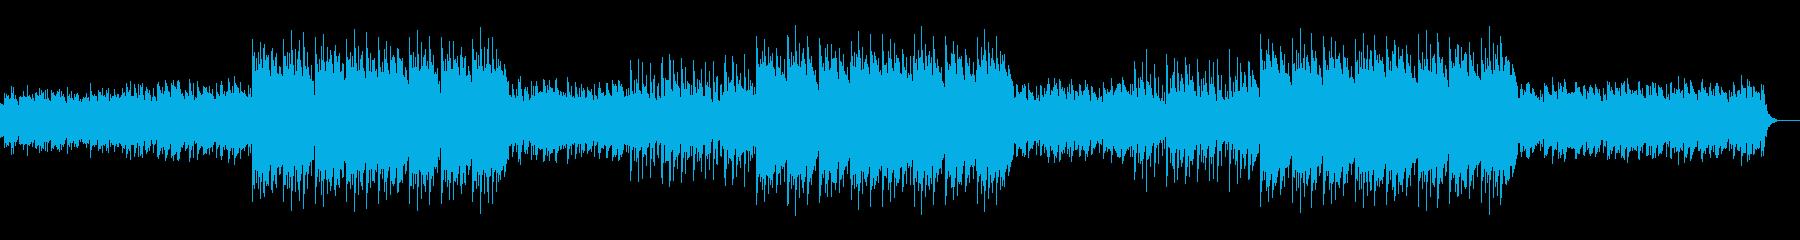 幻想的なエモラップ系ヒップホップBGMの再生済みの波形